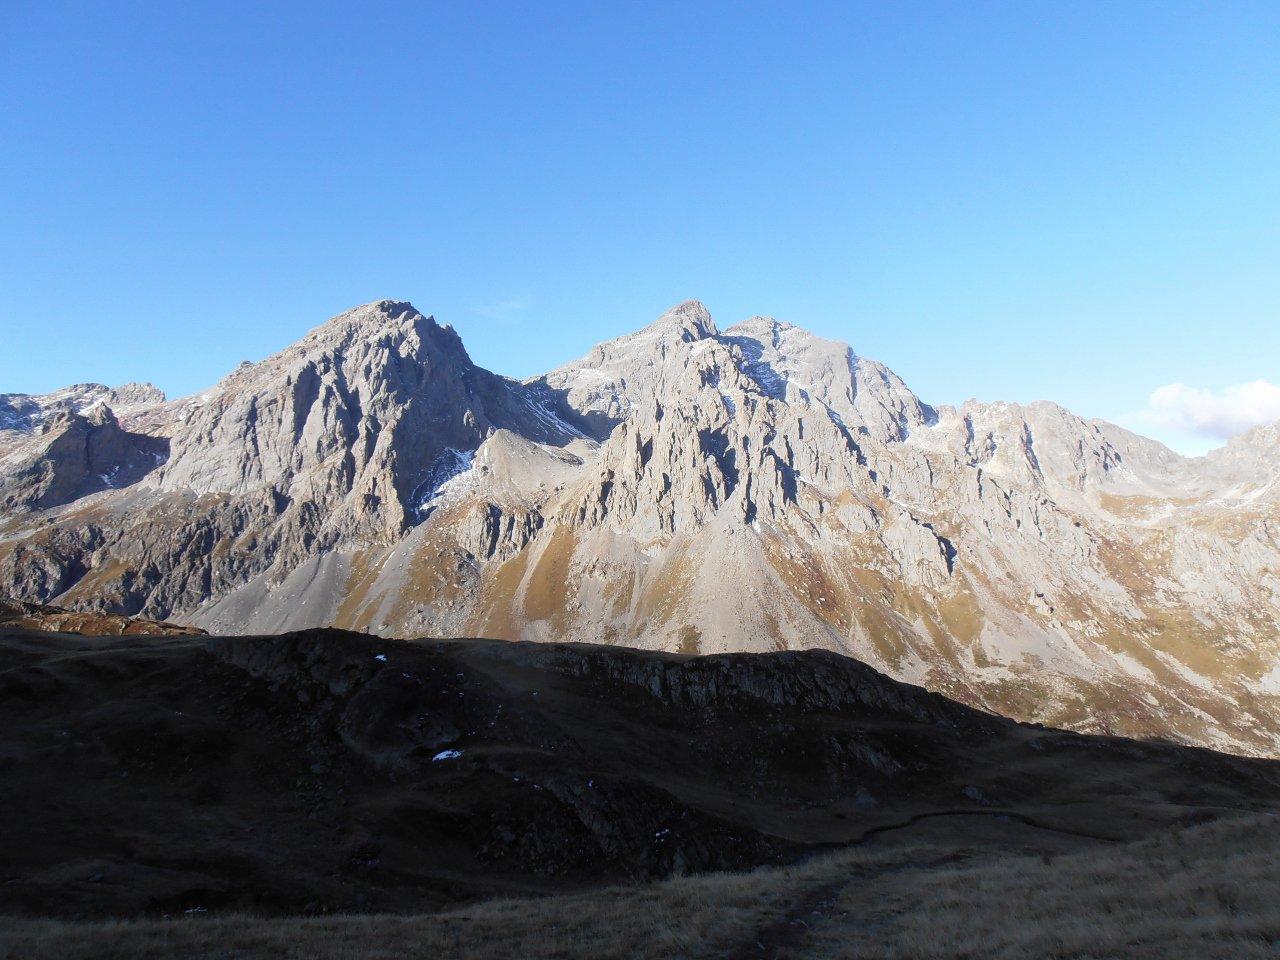 02 - il Grand Galibier, versante nord